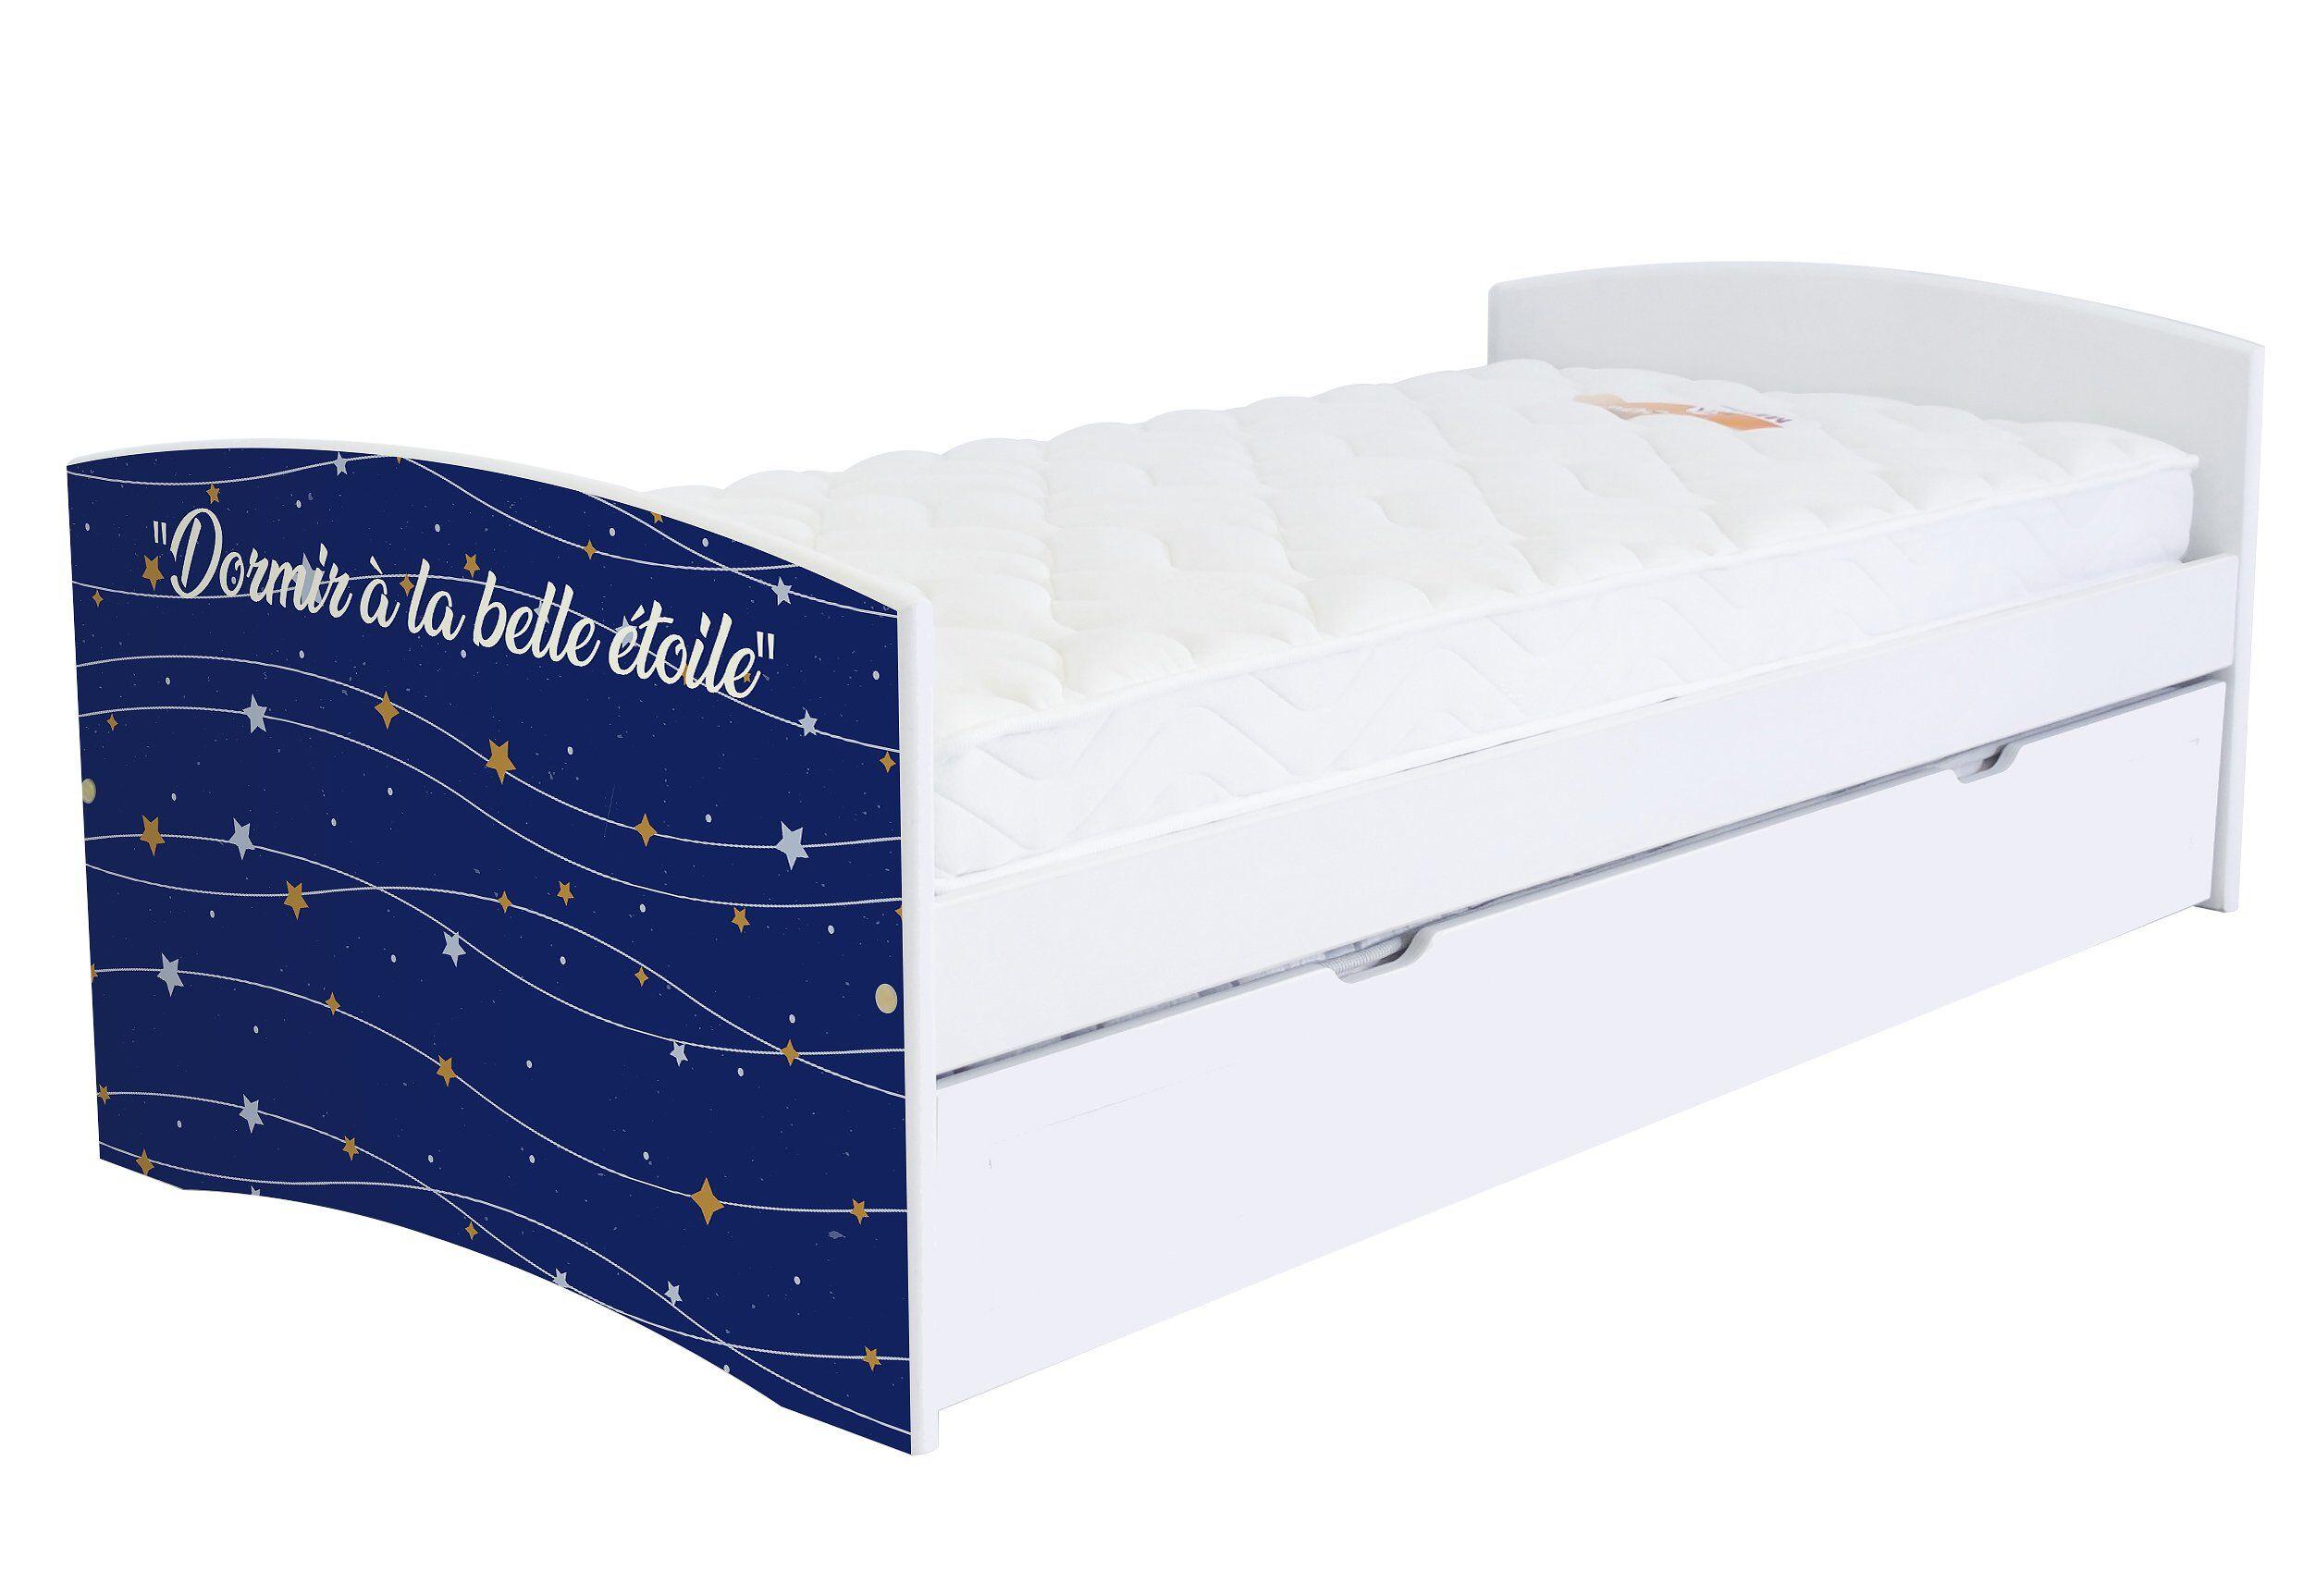 ABC MEUBLES Banquette lit gigogne Happy 90x190 cm bois et décor - 90x190 - Vernis naturel/Décor étoiles